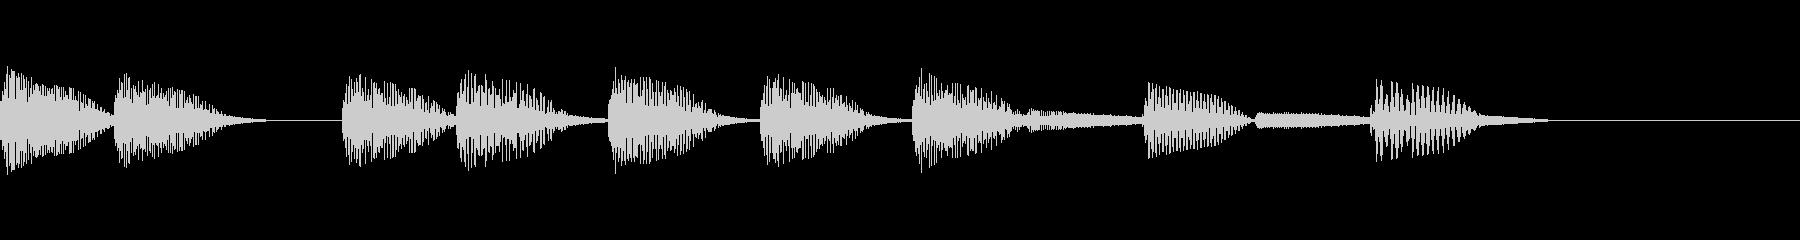 【ファミコン】ゲームオーバー_01の未再生の波形